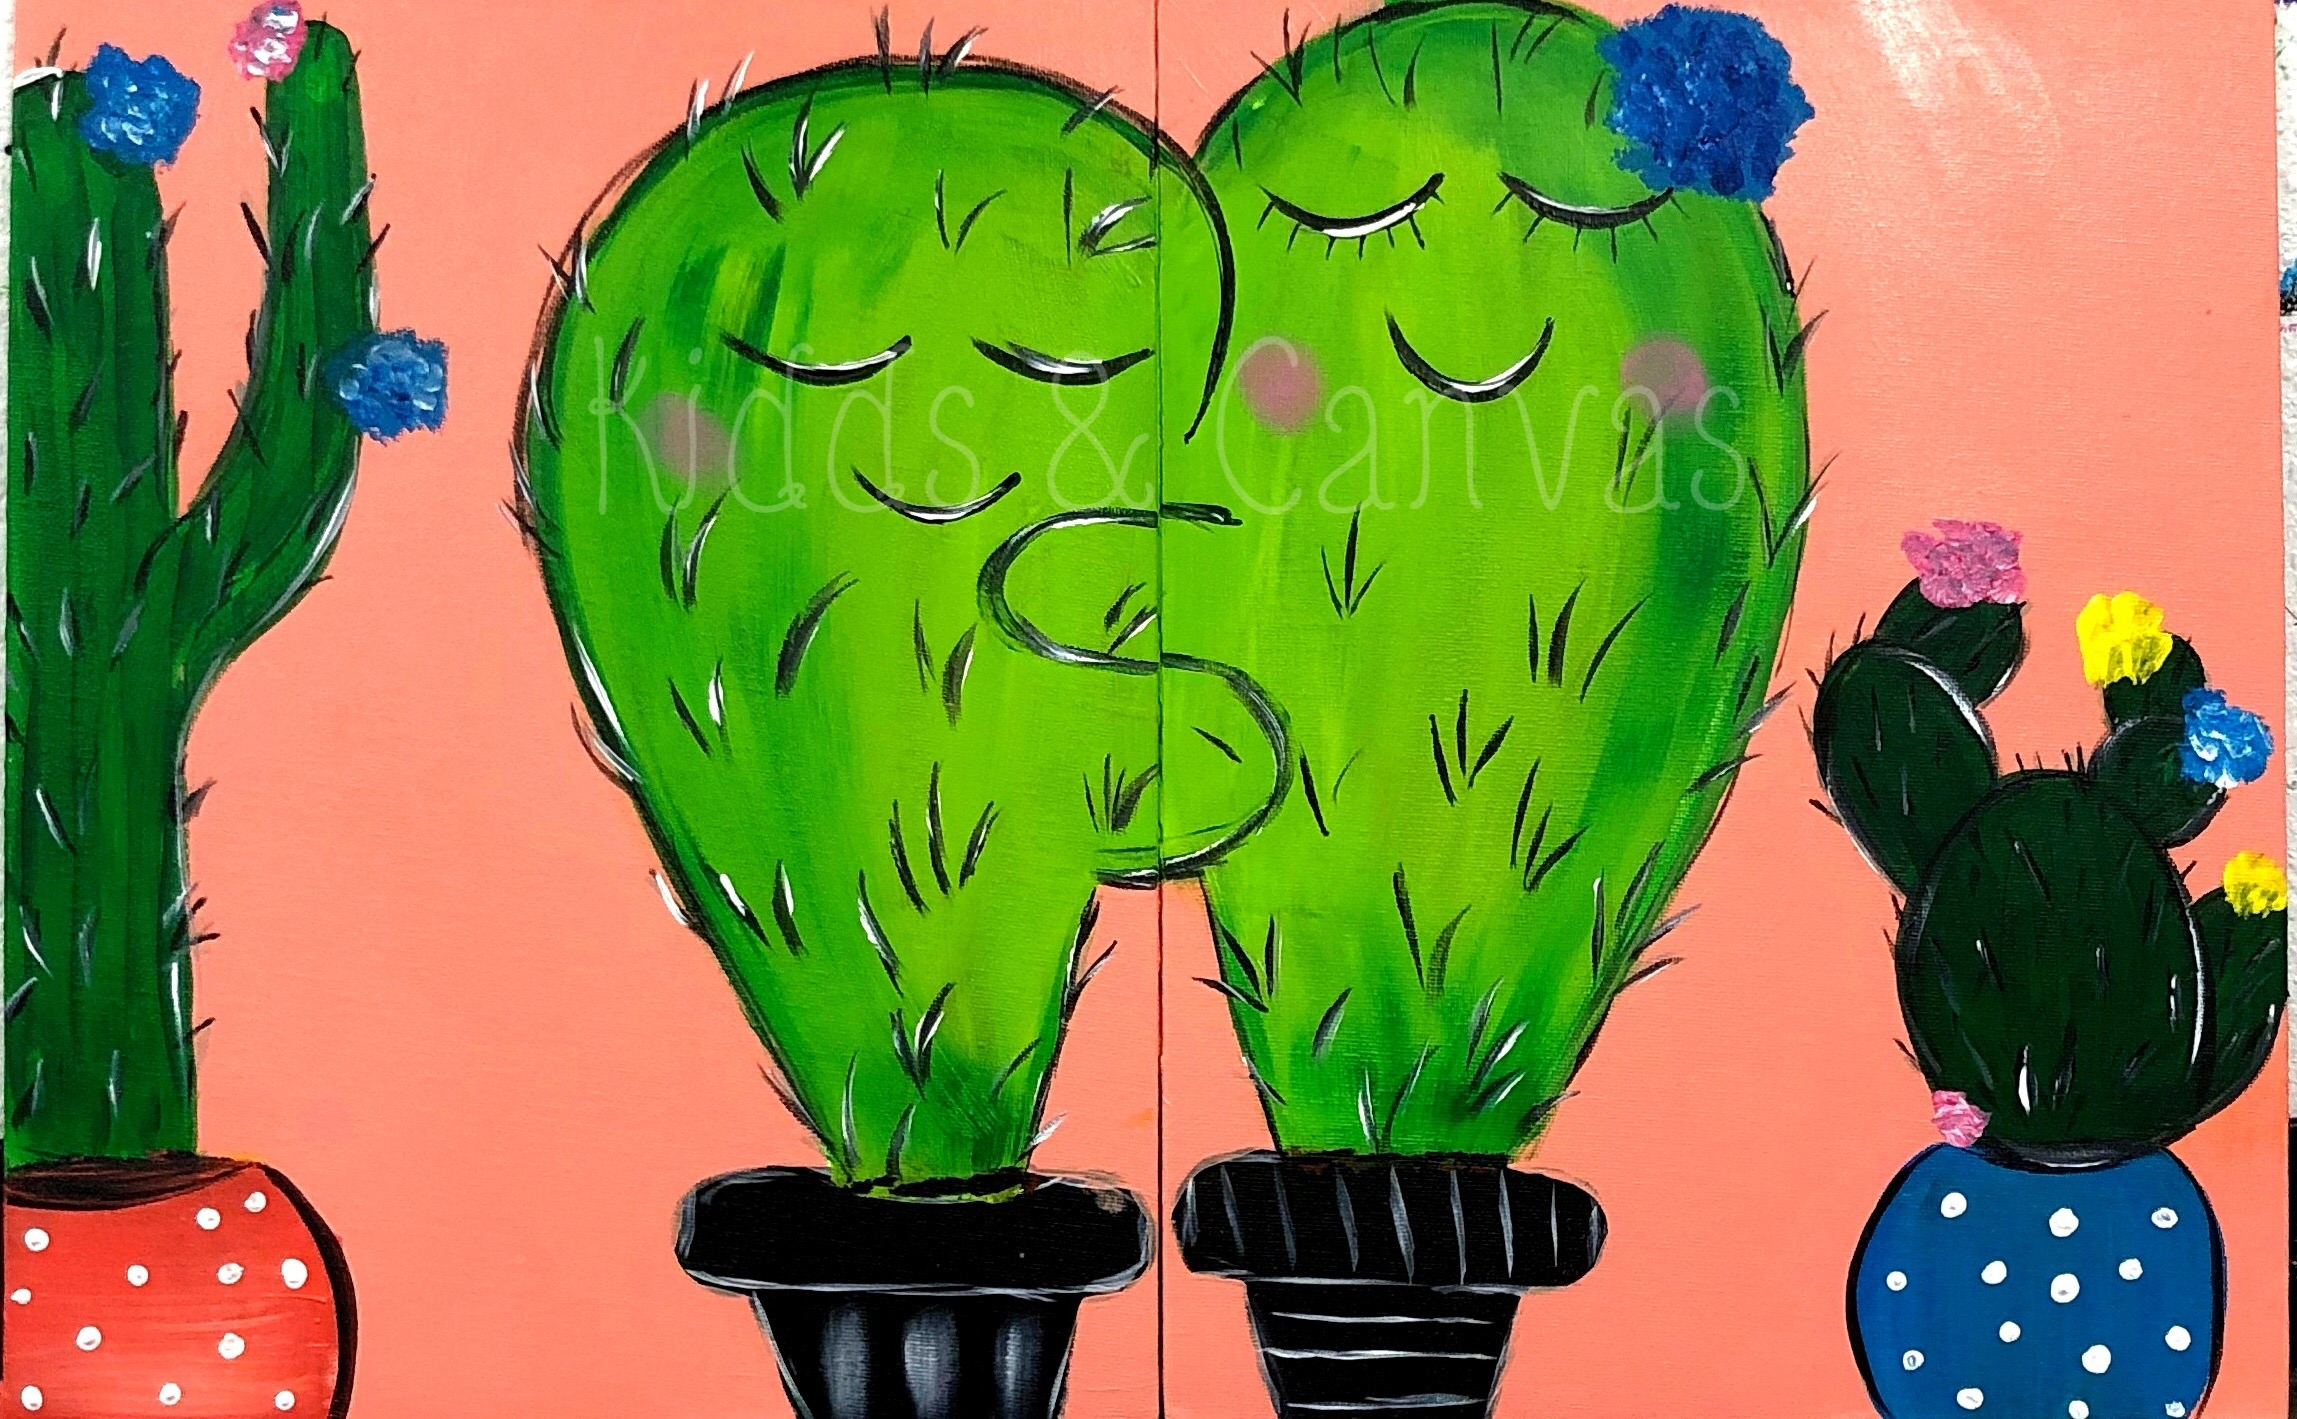 Cactus Love Hurts